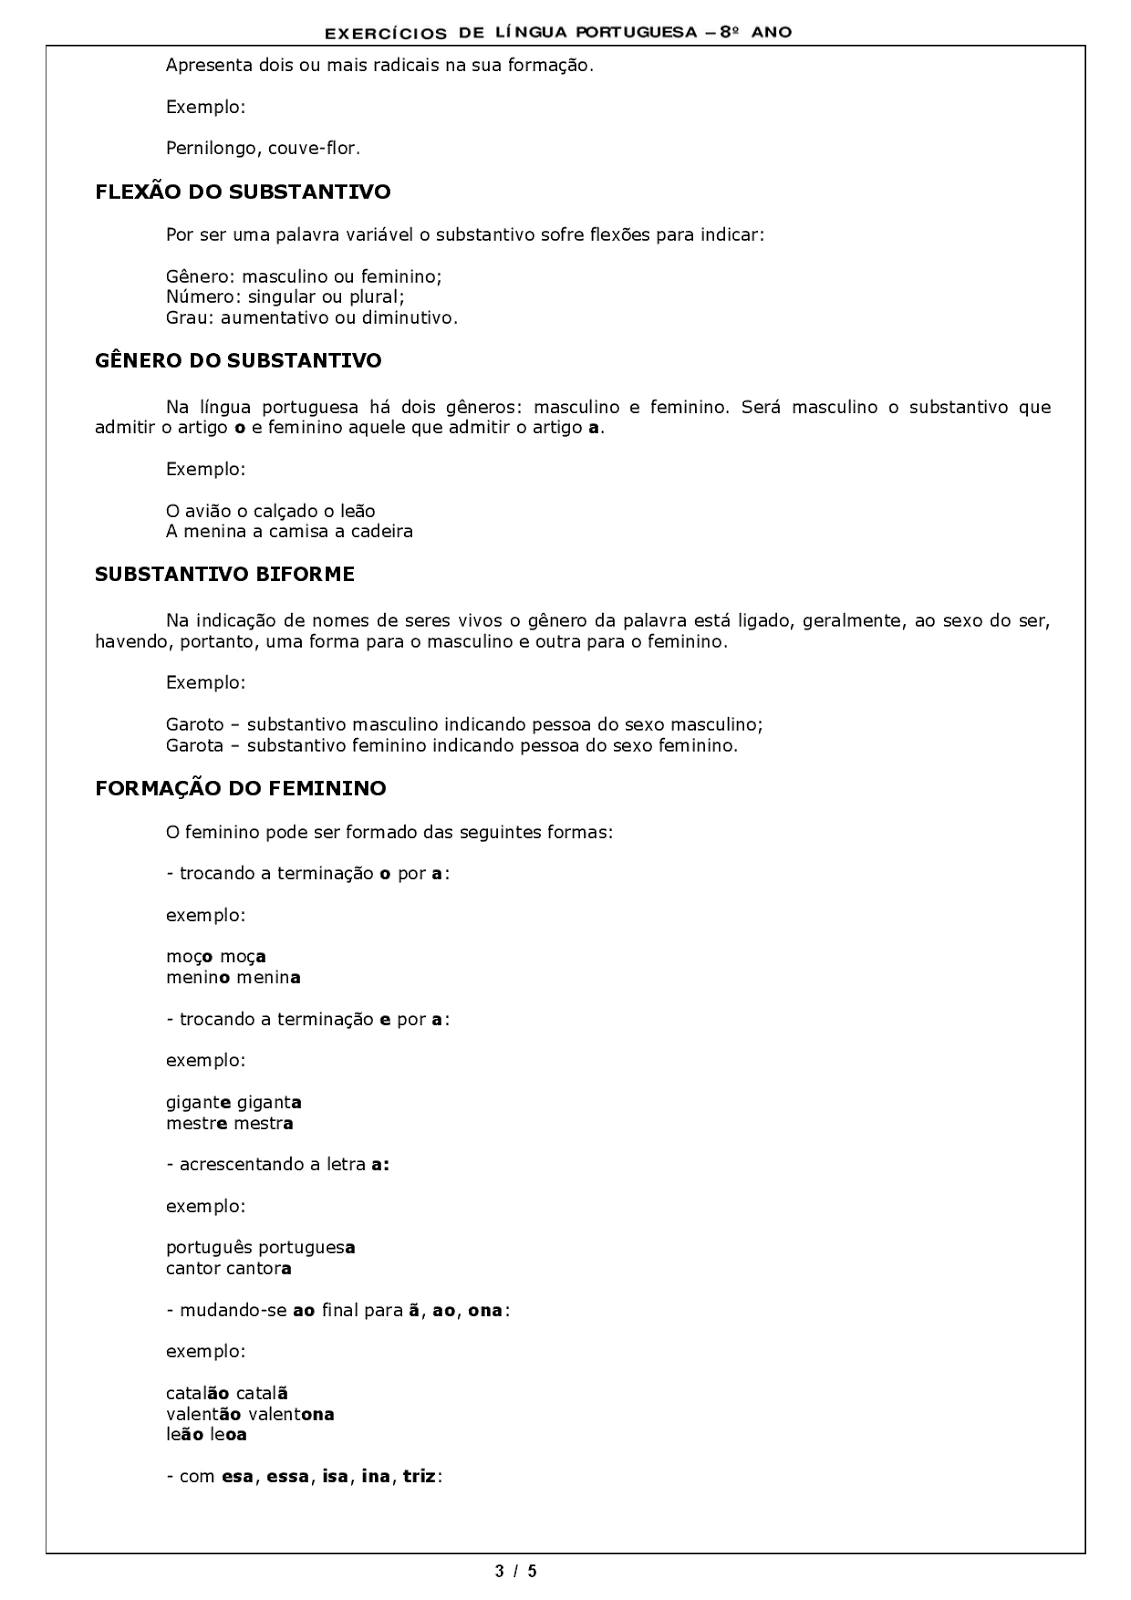 Atividades L Ngua Portuguesa 8 Ano Exerc Cios Provas Avalia Es Iv  -> Atividades Com Substantivos Simples E Composto 4 Ano